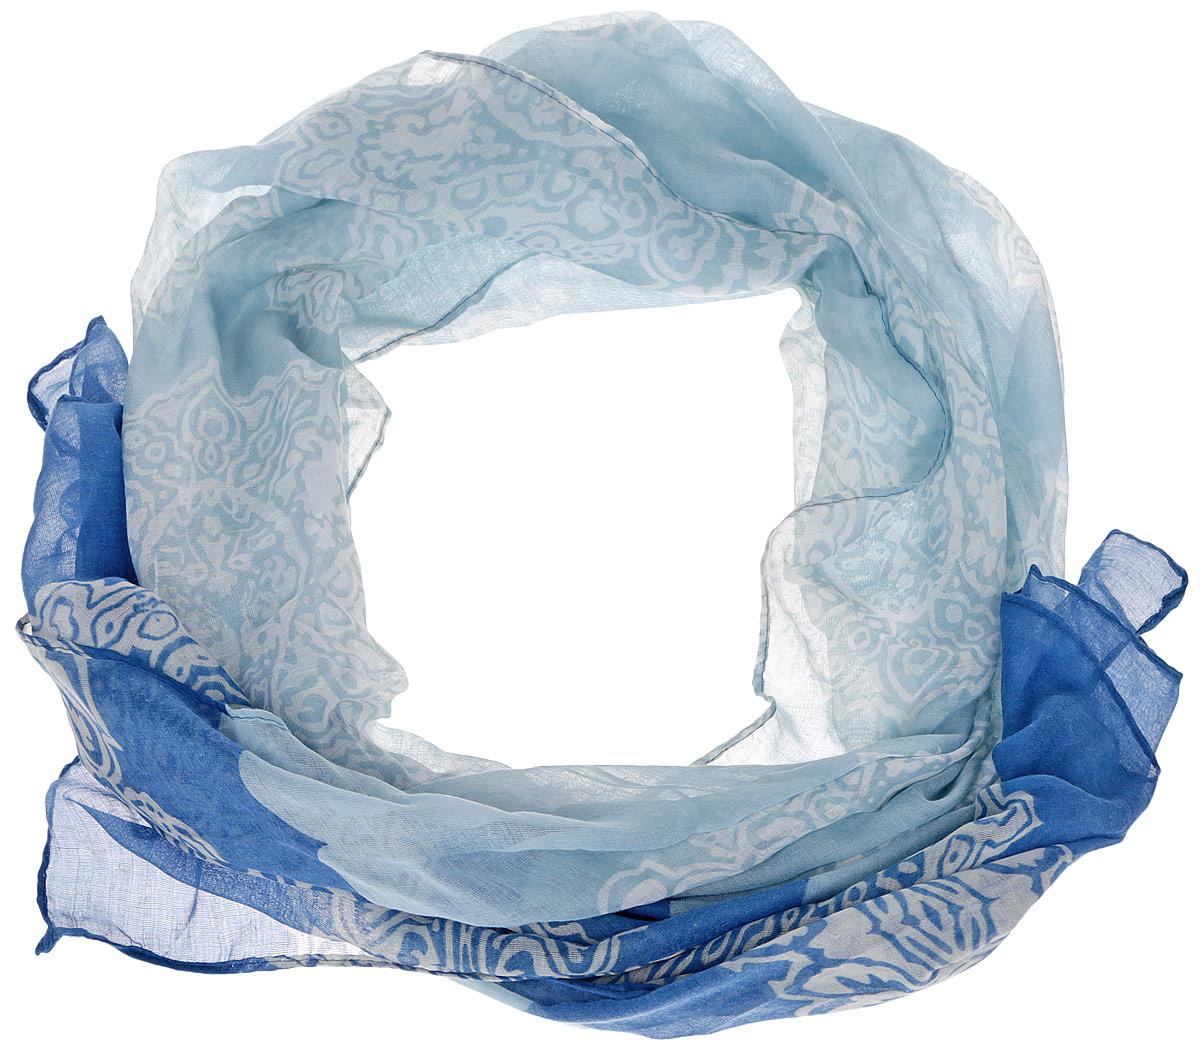 Шарф женский Finn Flare, цвет: голубой, синий, белый. B16-11416. Размер 180 см х 85 смB16-11416Женский шарф Finn Flare станет изысканным аксессуаром, который подчеркнет вашу индивидуальность. Выполненный из вискозы, он очень мягкий и приятный на ощупь. Модель оформлена принтом с узорами.Такой шарф станет стильным дополнением к гардеробу современной женщины, а также подарит ощущение комфорта и уюта.